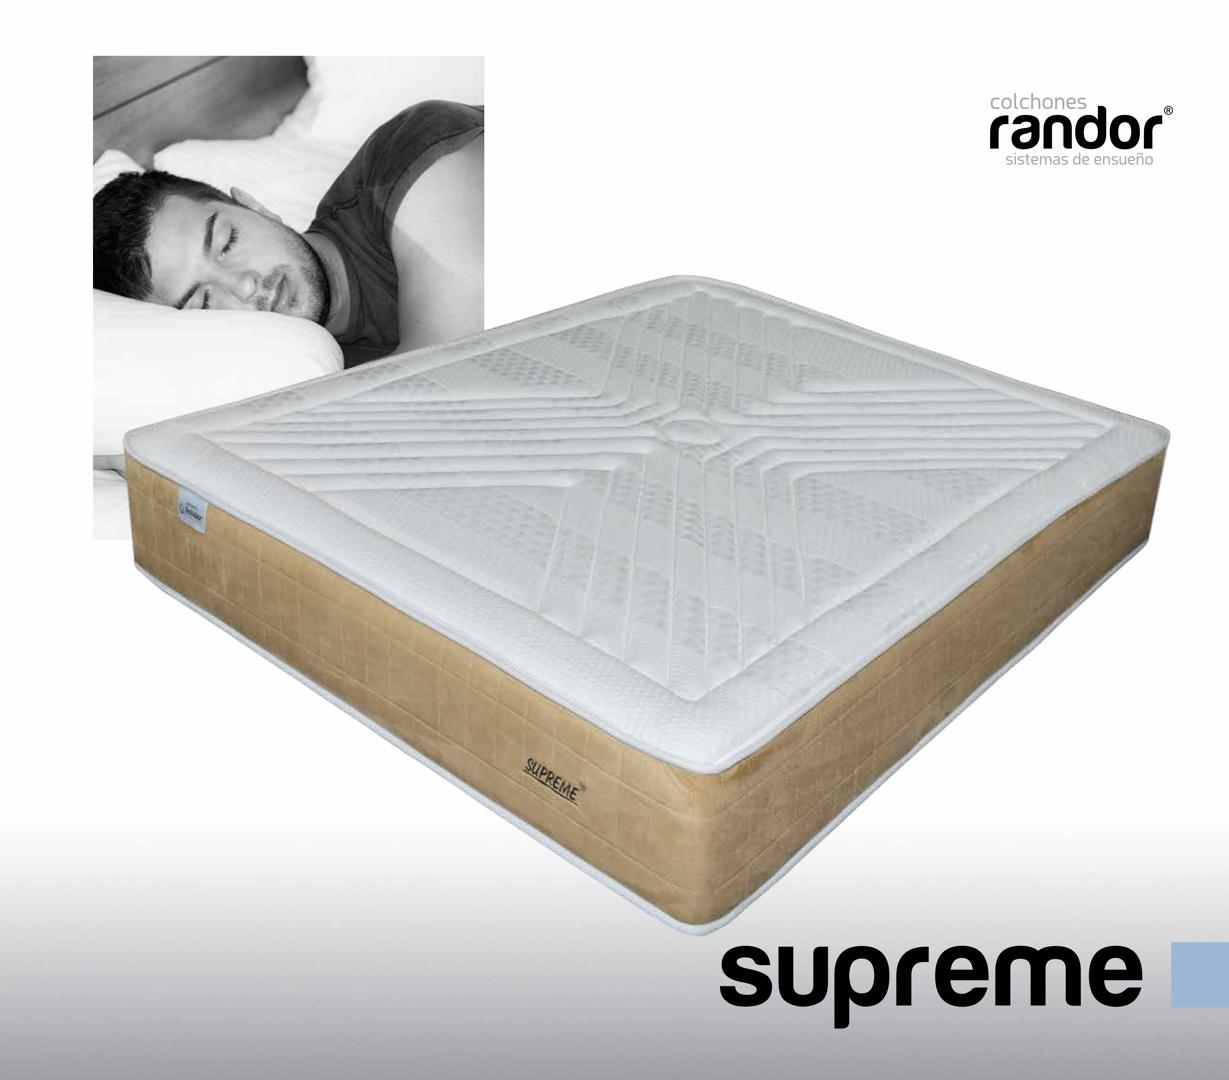 colchones randor flexibles supreme